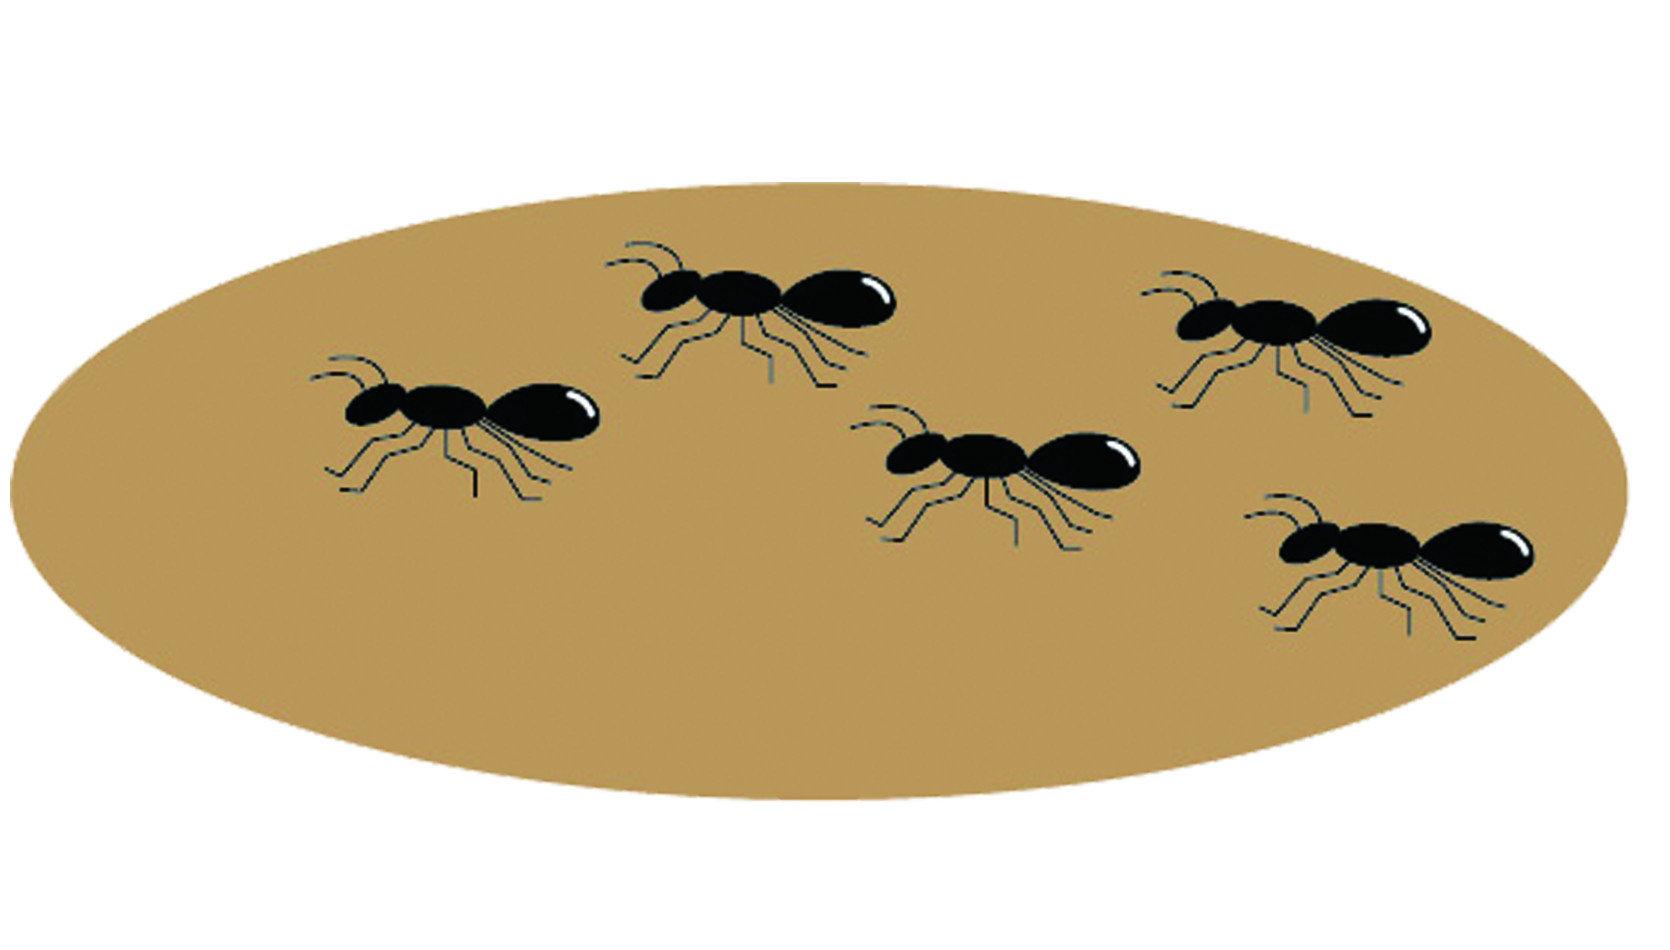 螞蟻在我們的生活中可謂最常見的一種,時不時身邊可能就出現幾隻,量少時倒還好,即便不理會牠都不會造成問題;一大群出沒時可就不一樣了,遭咬傷時不僅又酸又痛,最嚴重的狀況還可能引起蜂窩性組織炎,實在不能小看牠們。有一種校園中常見的螞蟻稱作「疣胸琉璃蟻」,身為原生種的牠們在自然界中扮演了重要的腳色,為了可以享用香甜的花蜜,牠們會負責守護植物不受蝸牛或毛蟲的侵擾。